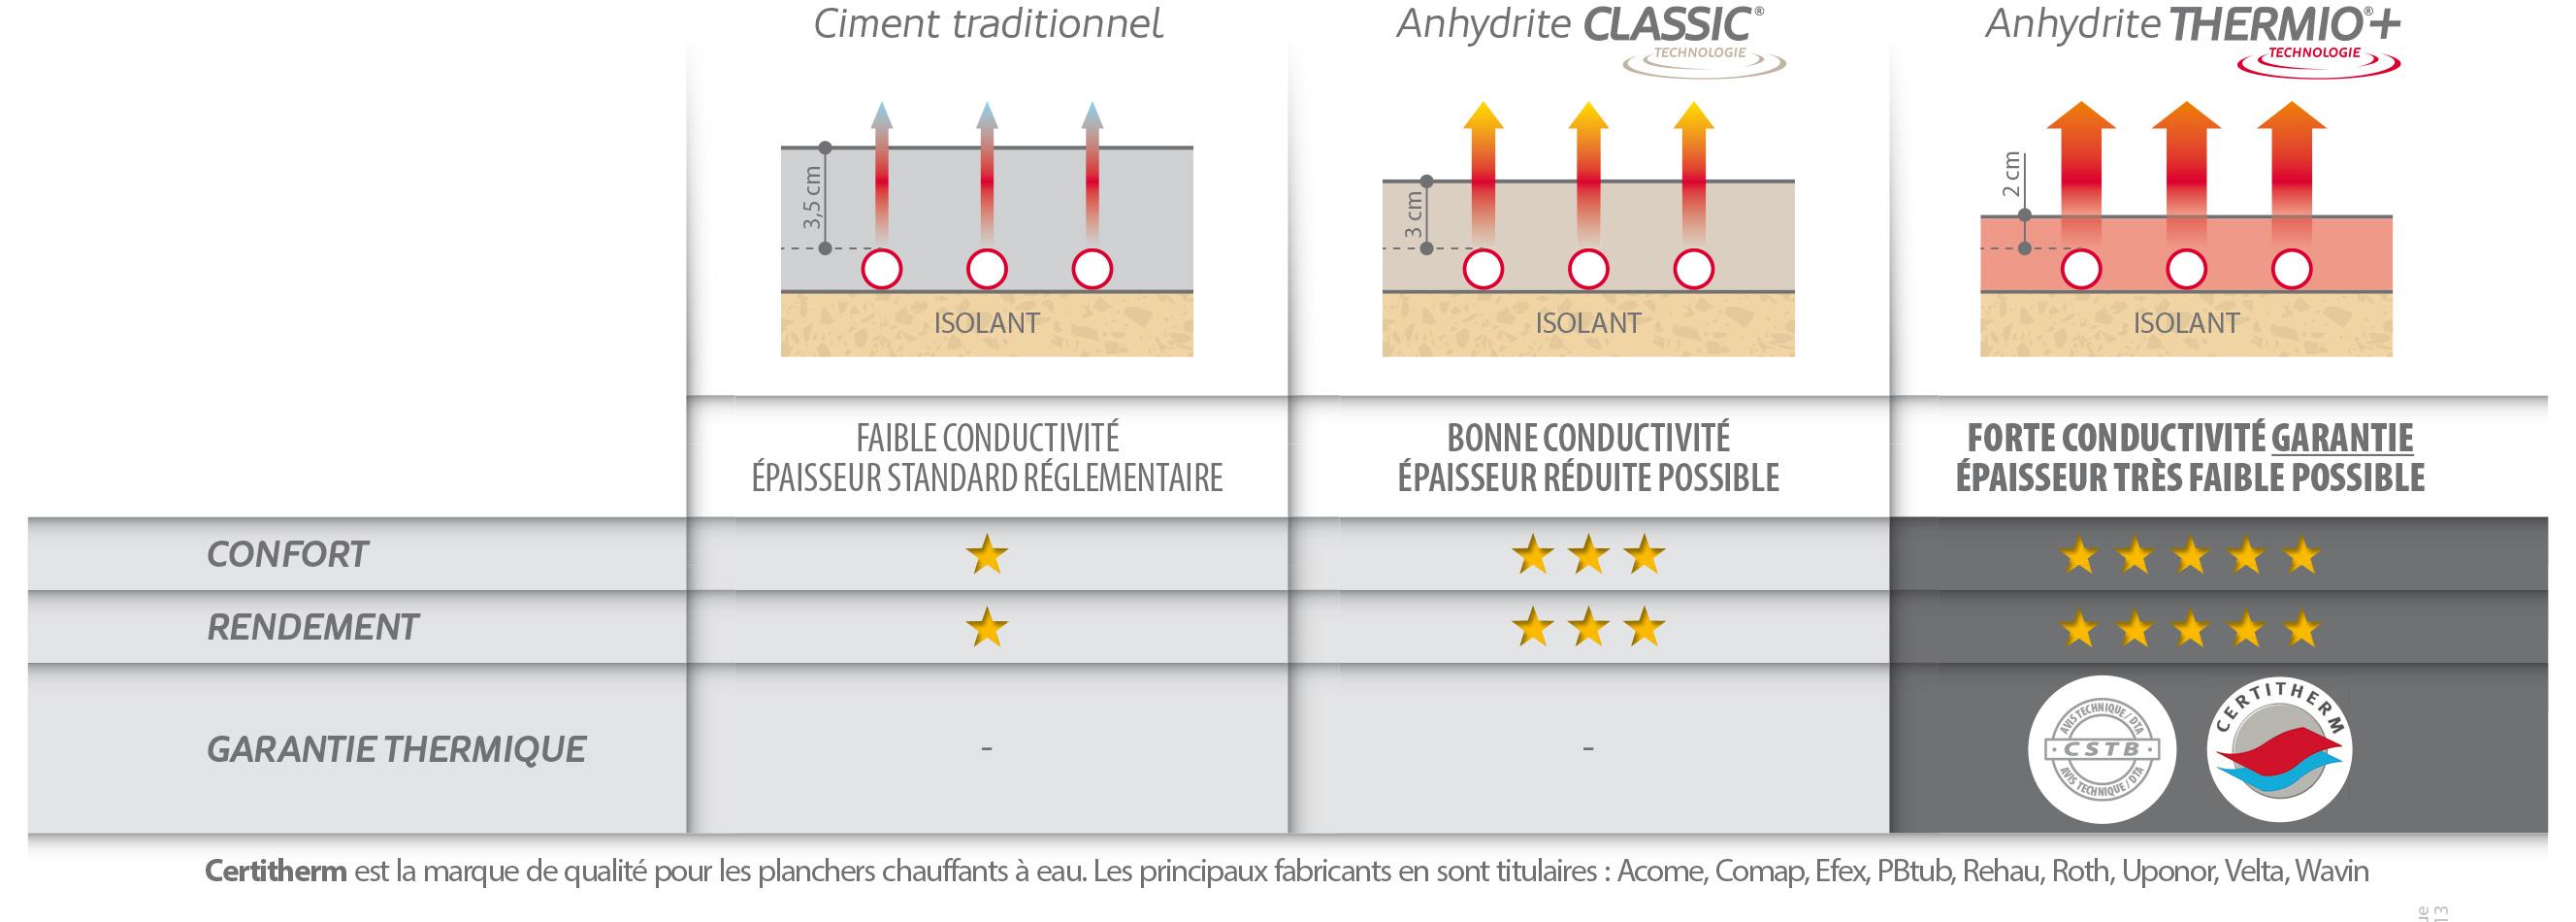 thermio la chape liquide le sp cialiste des chapes fluides base d 39 anhydrite. Black Bedroom Furniture Sets. Home Design Ideas